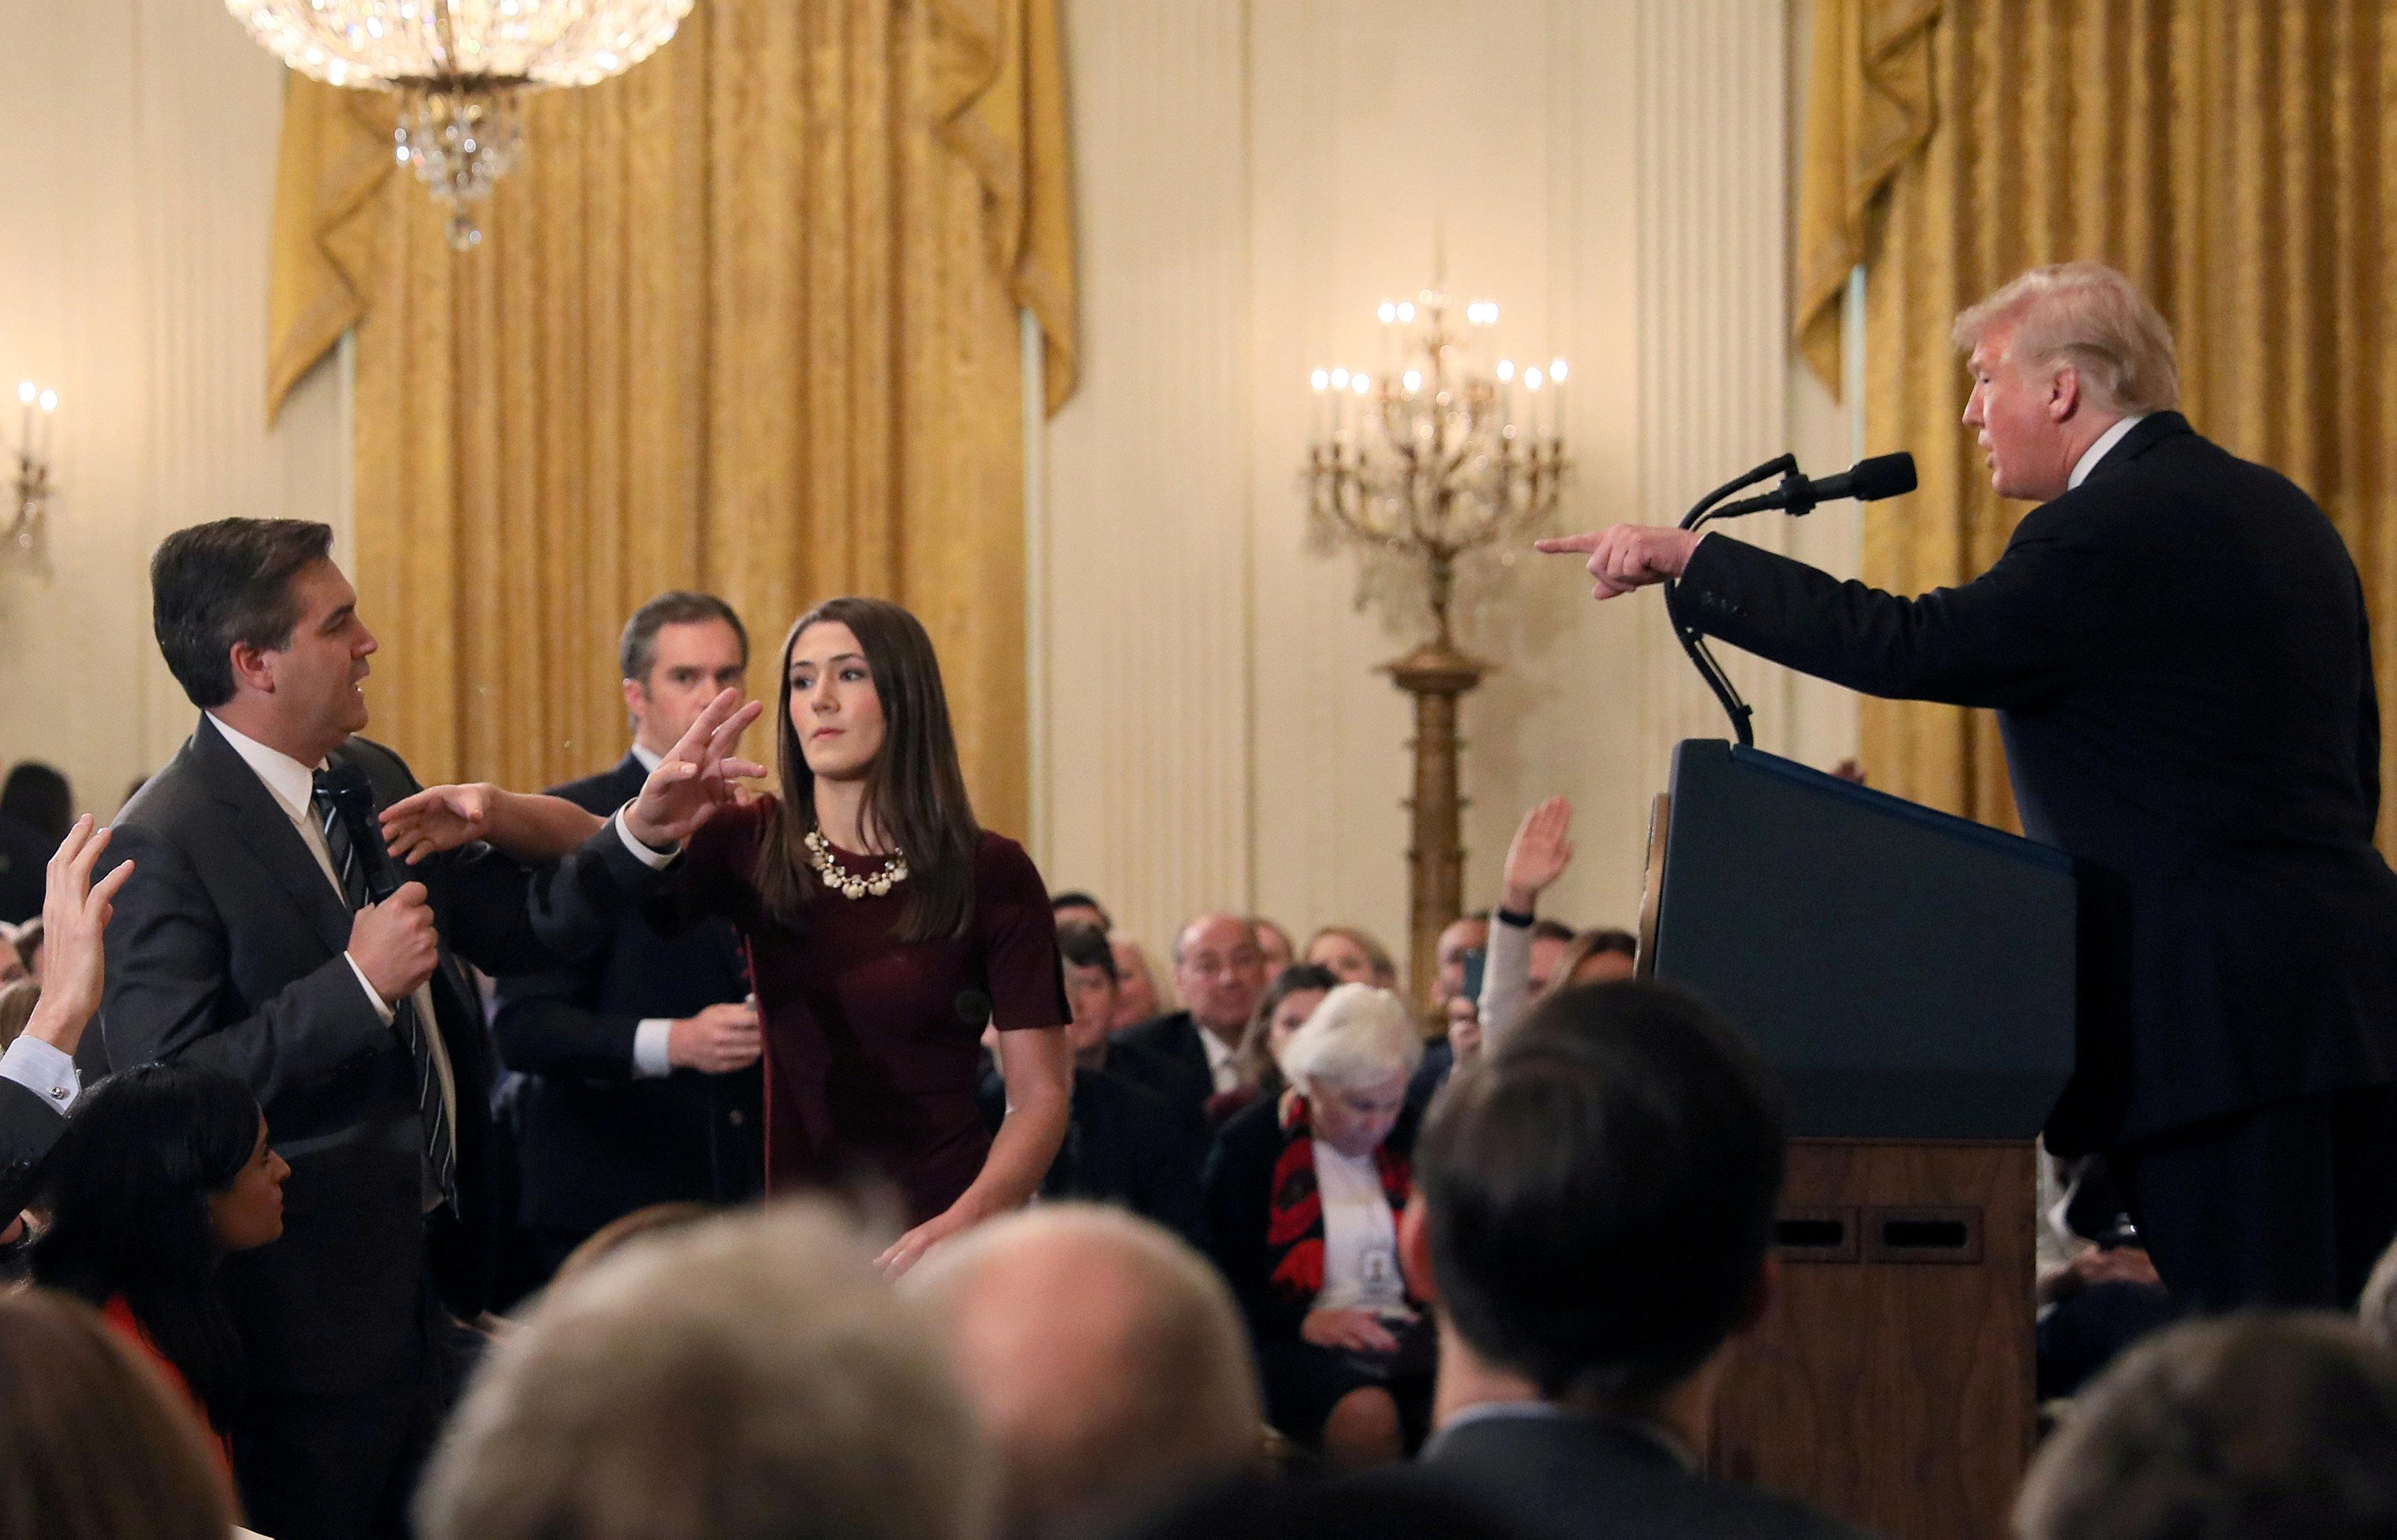 Δικαστική εντολή στον Λευκό Οίκο: Να επιστρέψετε την διαπίστευση στον δημοσιογράφο Τζιμ Ακόστα του CNN